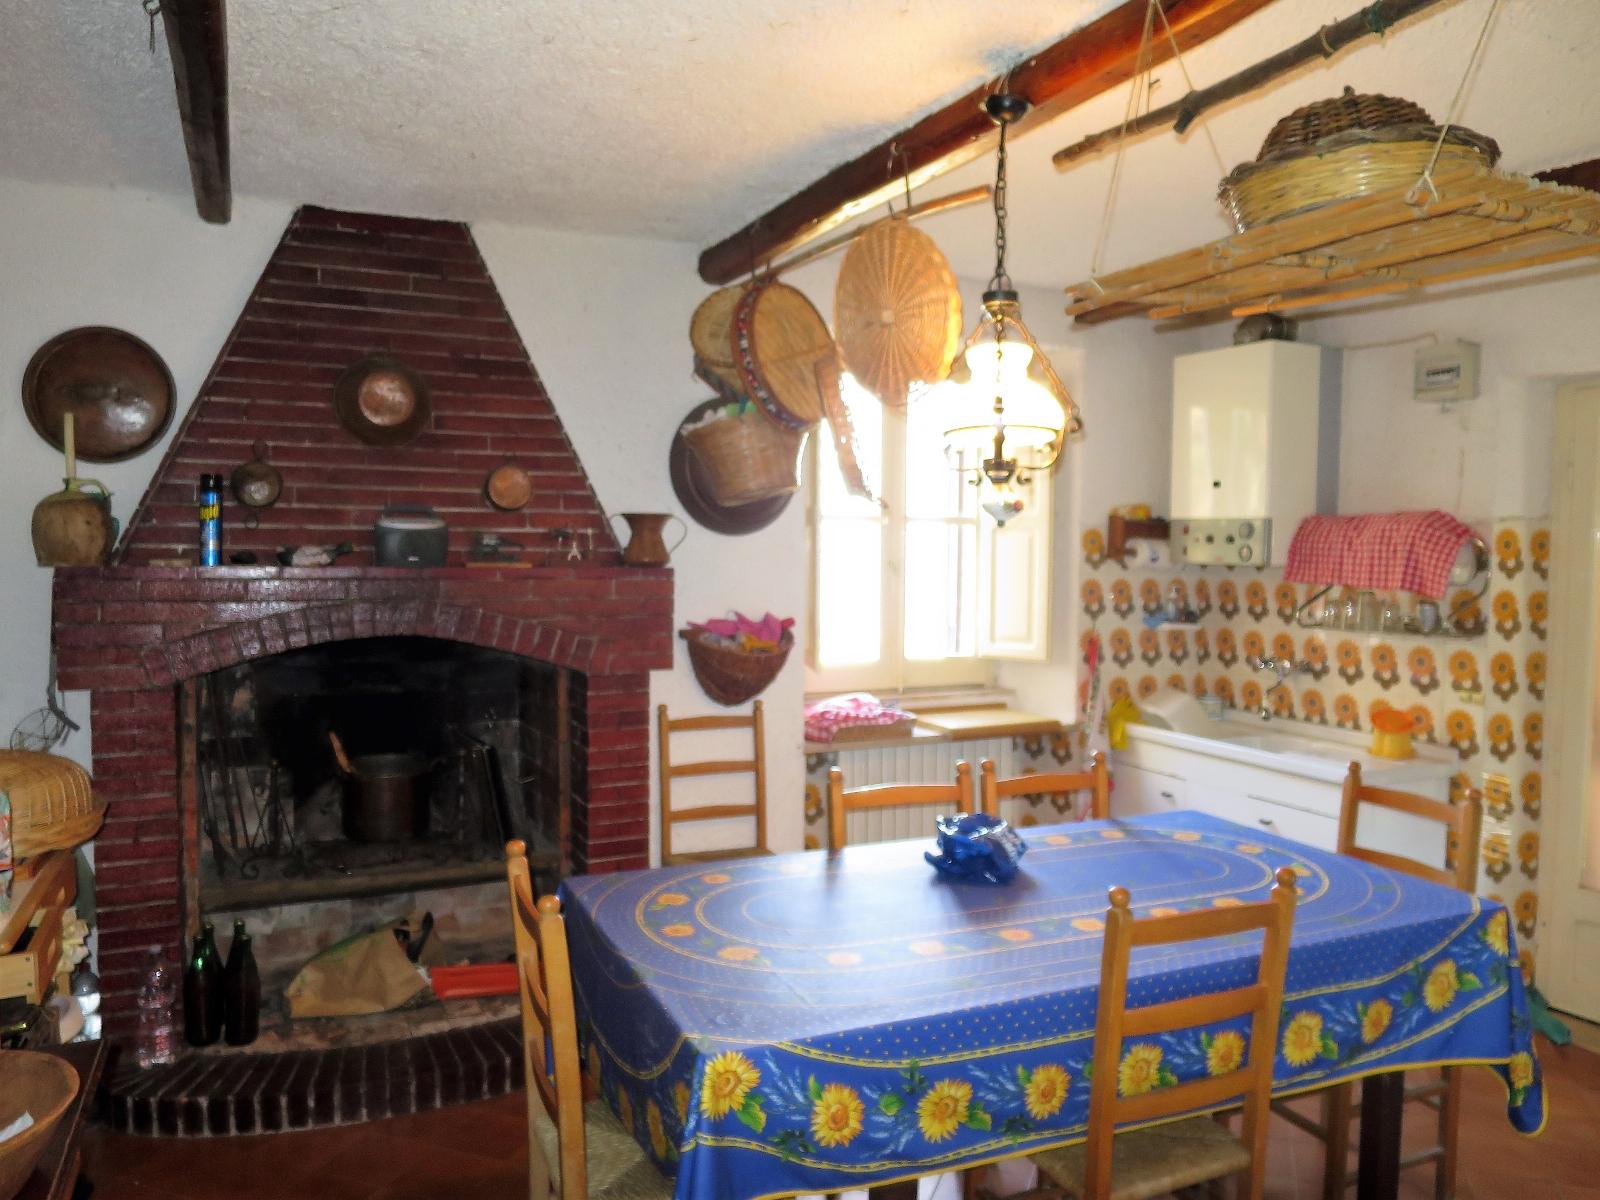 Country Houses Country Houses for sale Montebello di Bertona (PE), Casa Parco - Montebello di Bertona - EUR 195.521 450